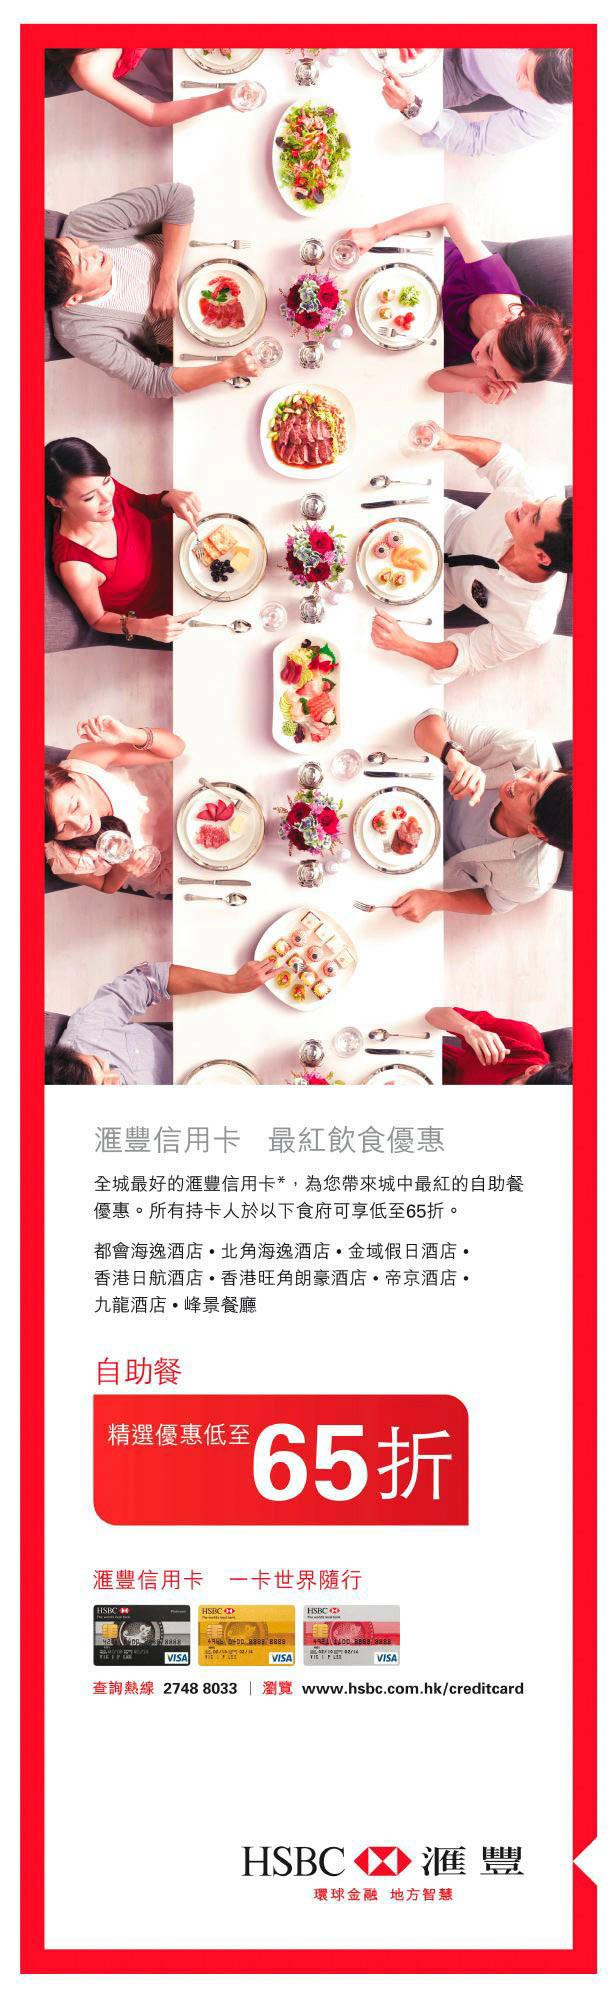 HSBC_Buffet_Din_ConseMass.jpg